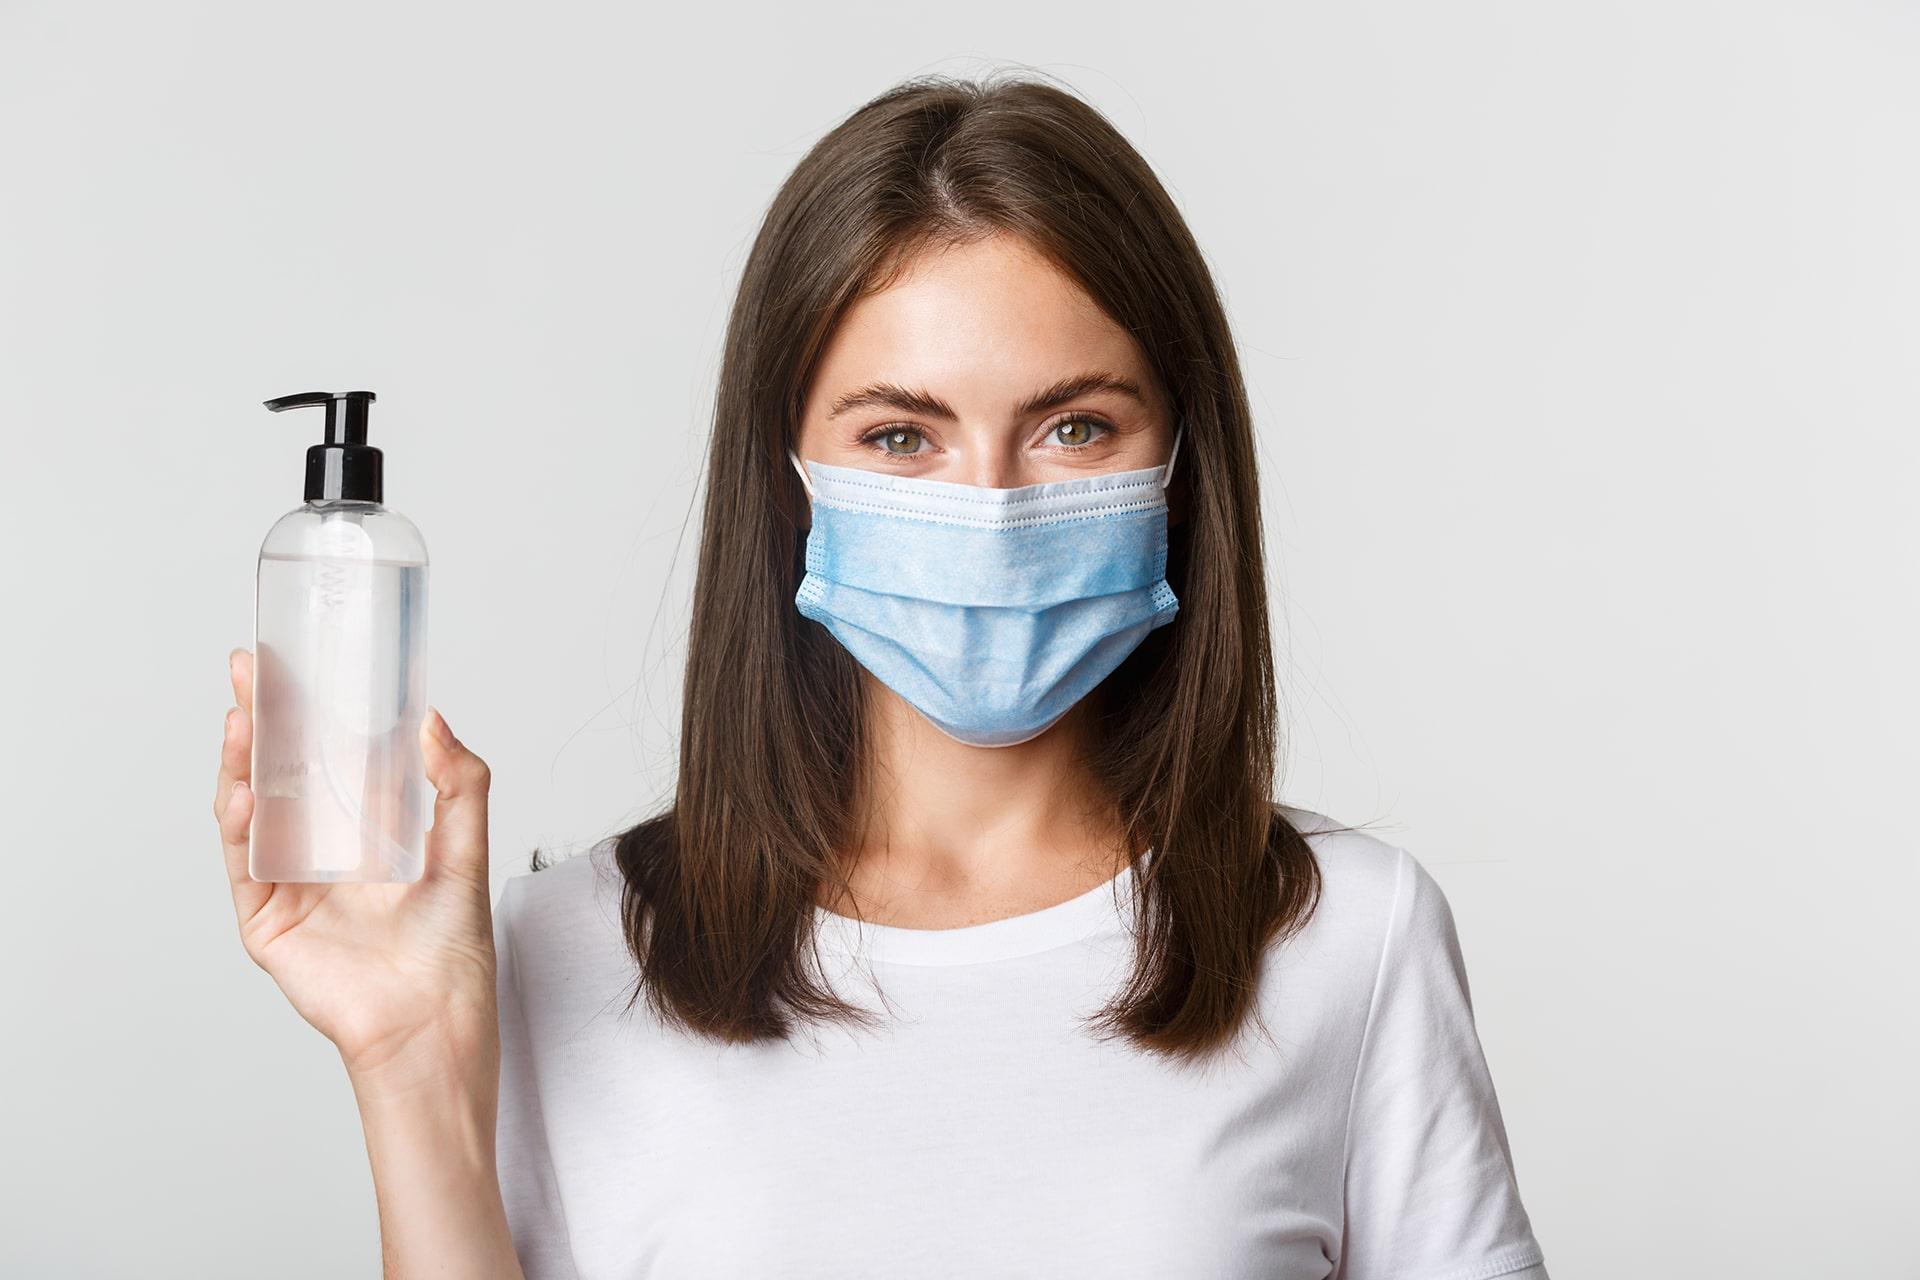 Cómo cuidar tu piel mientras usas una mascarilla